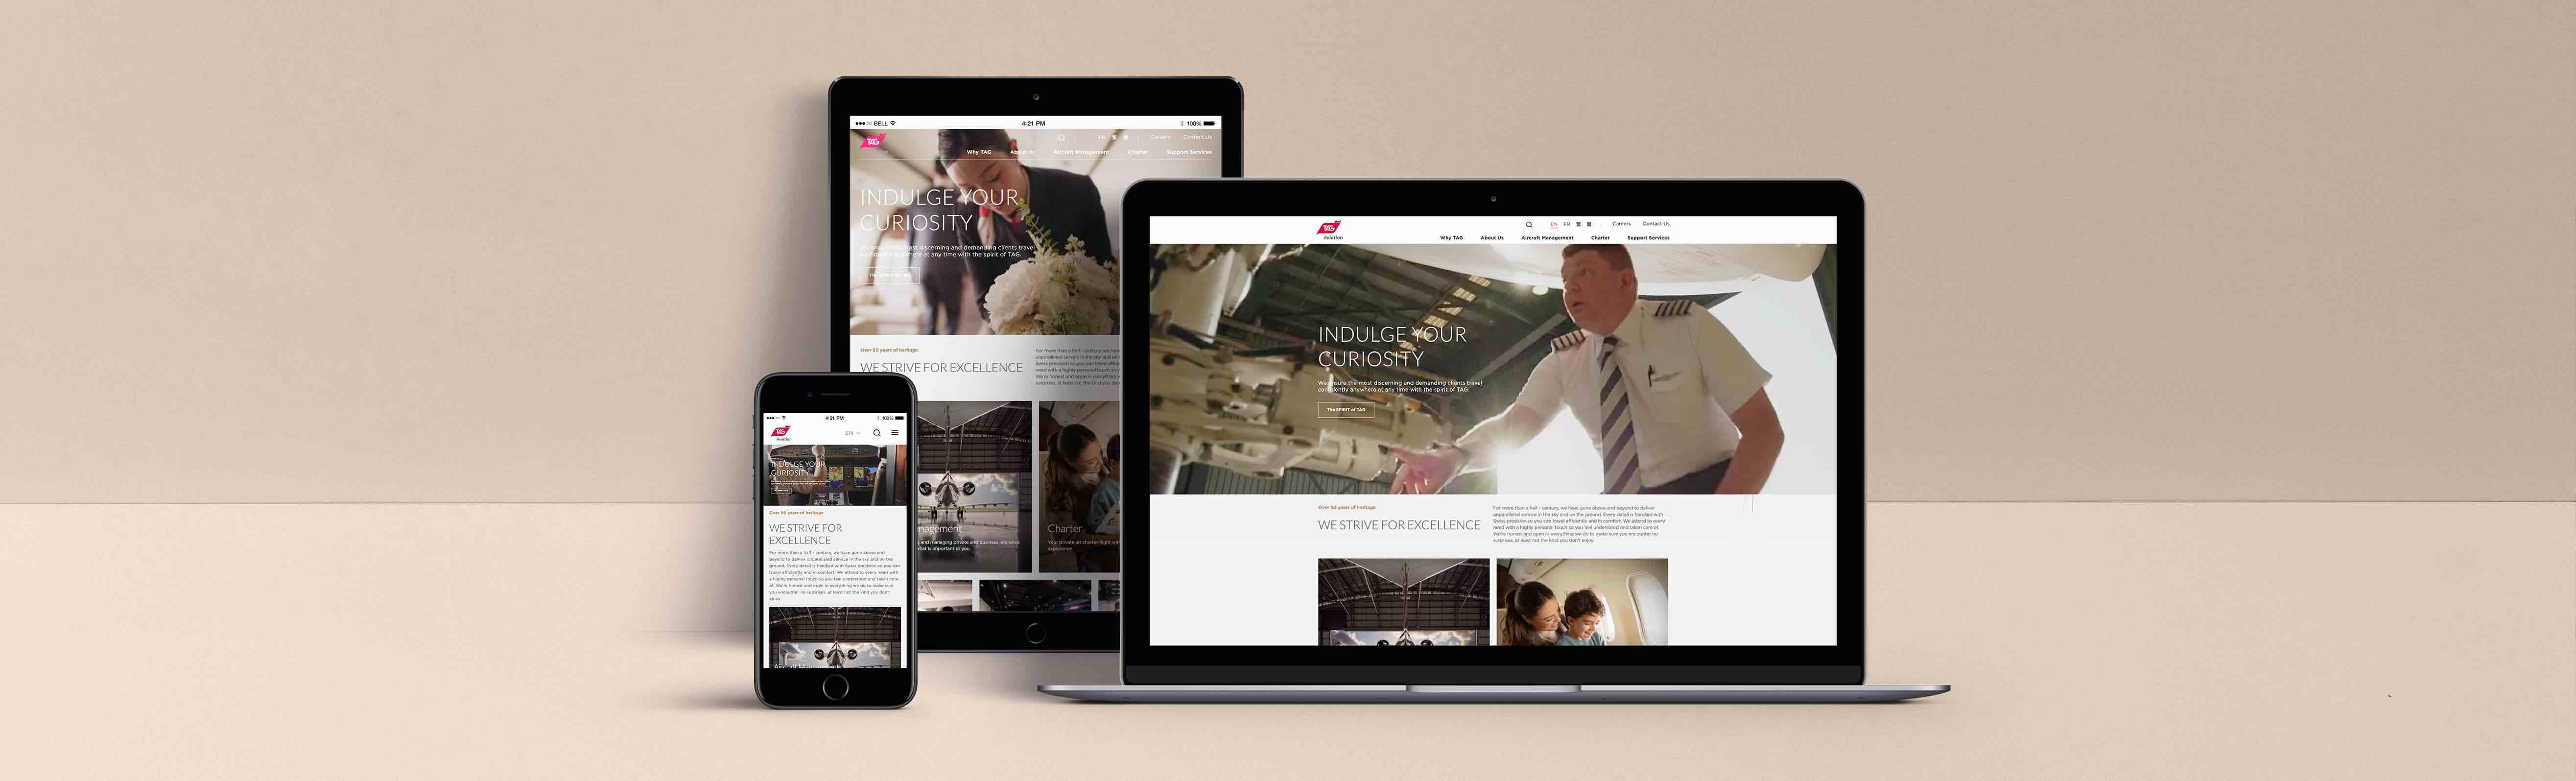 TAG航空展現全新公司網站、更新品牌新形象